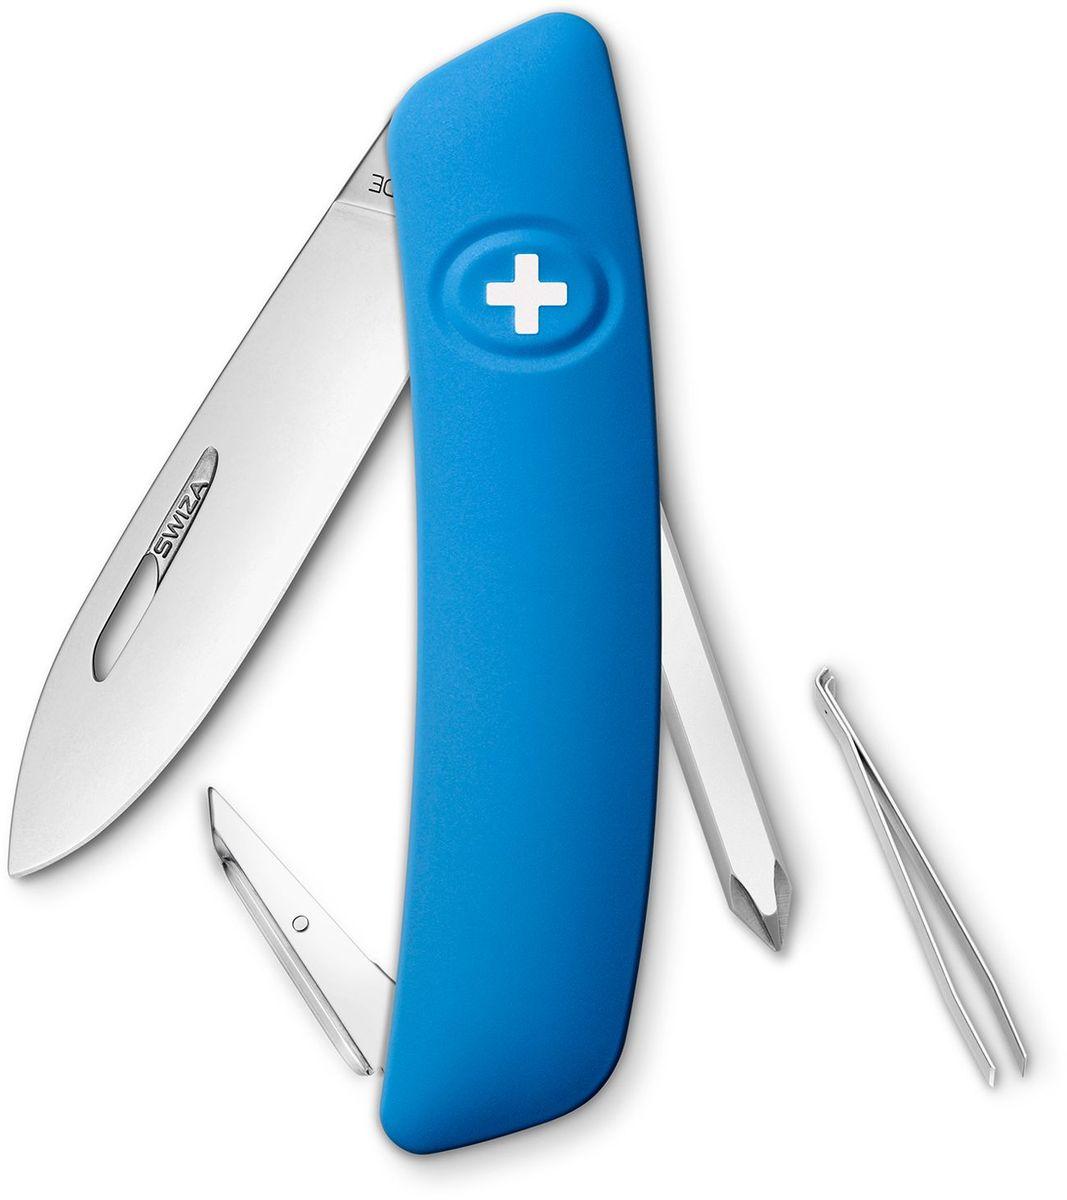 Нож швейцарский SWIZA D02, цвет: синий, длина клинка 7,5 см891980.30 Швейцарский нож (SWIZA D02) с его революционной формой и безопасной рукояткой, легко раскладываемой ручкой - самый удобный и простой в использовании швейцарский нож на все времена. Эргономично изогнутая форма ножа обеспечивает более легкий доступ к инструментам, а пазы позволяют легко их открывать, как левой, так и правой рукой. Пожизненная гаратния на ножи SWIZA обеспечивают долговременное использование1. нож перочинный ,2. отвертка Phillips , 3. ример/дырокол4. шило, 5. безопасная блокировка лезвий,6. пинцет